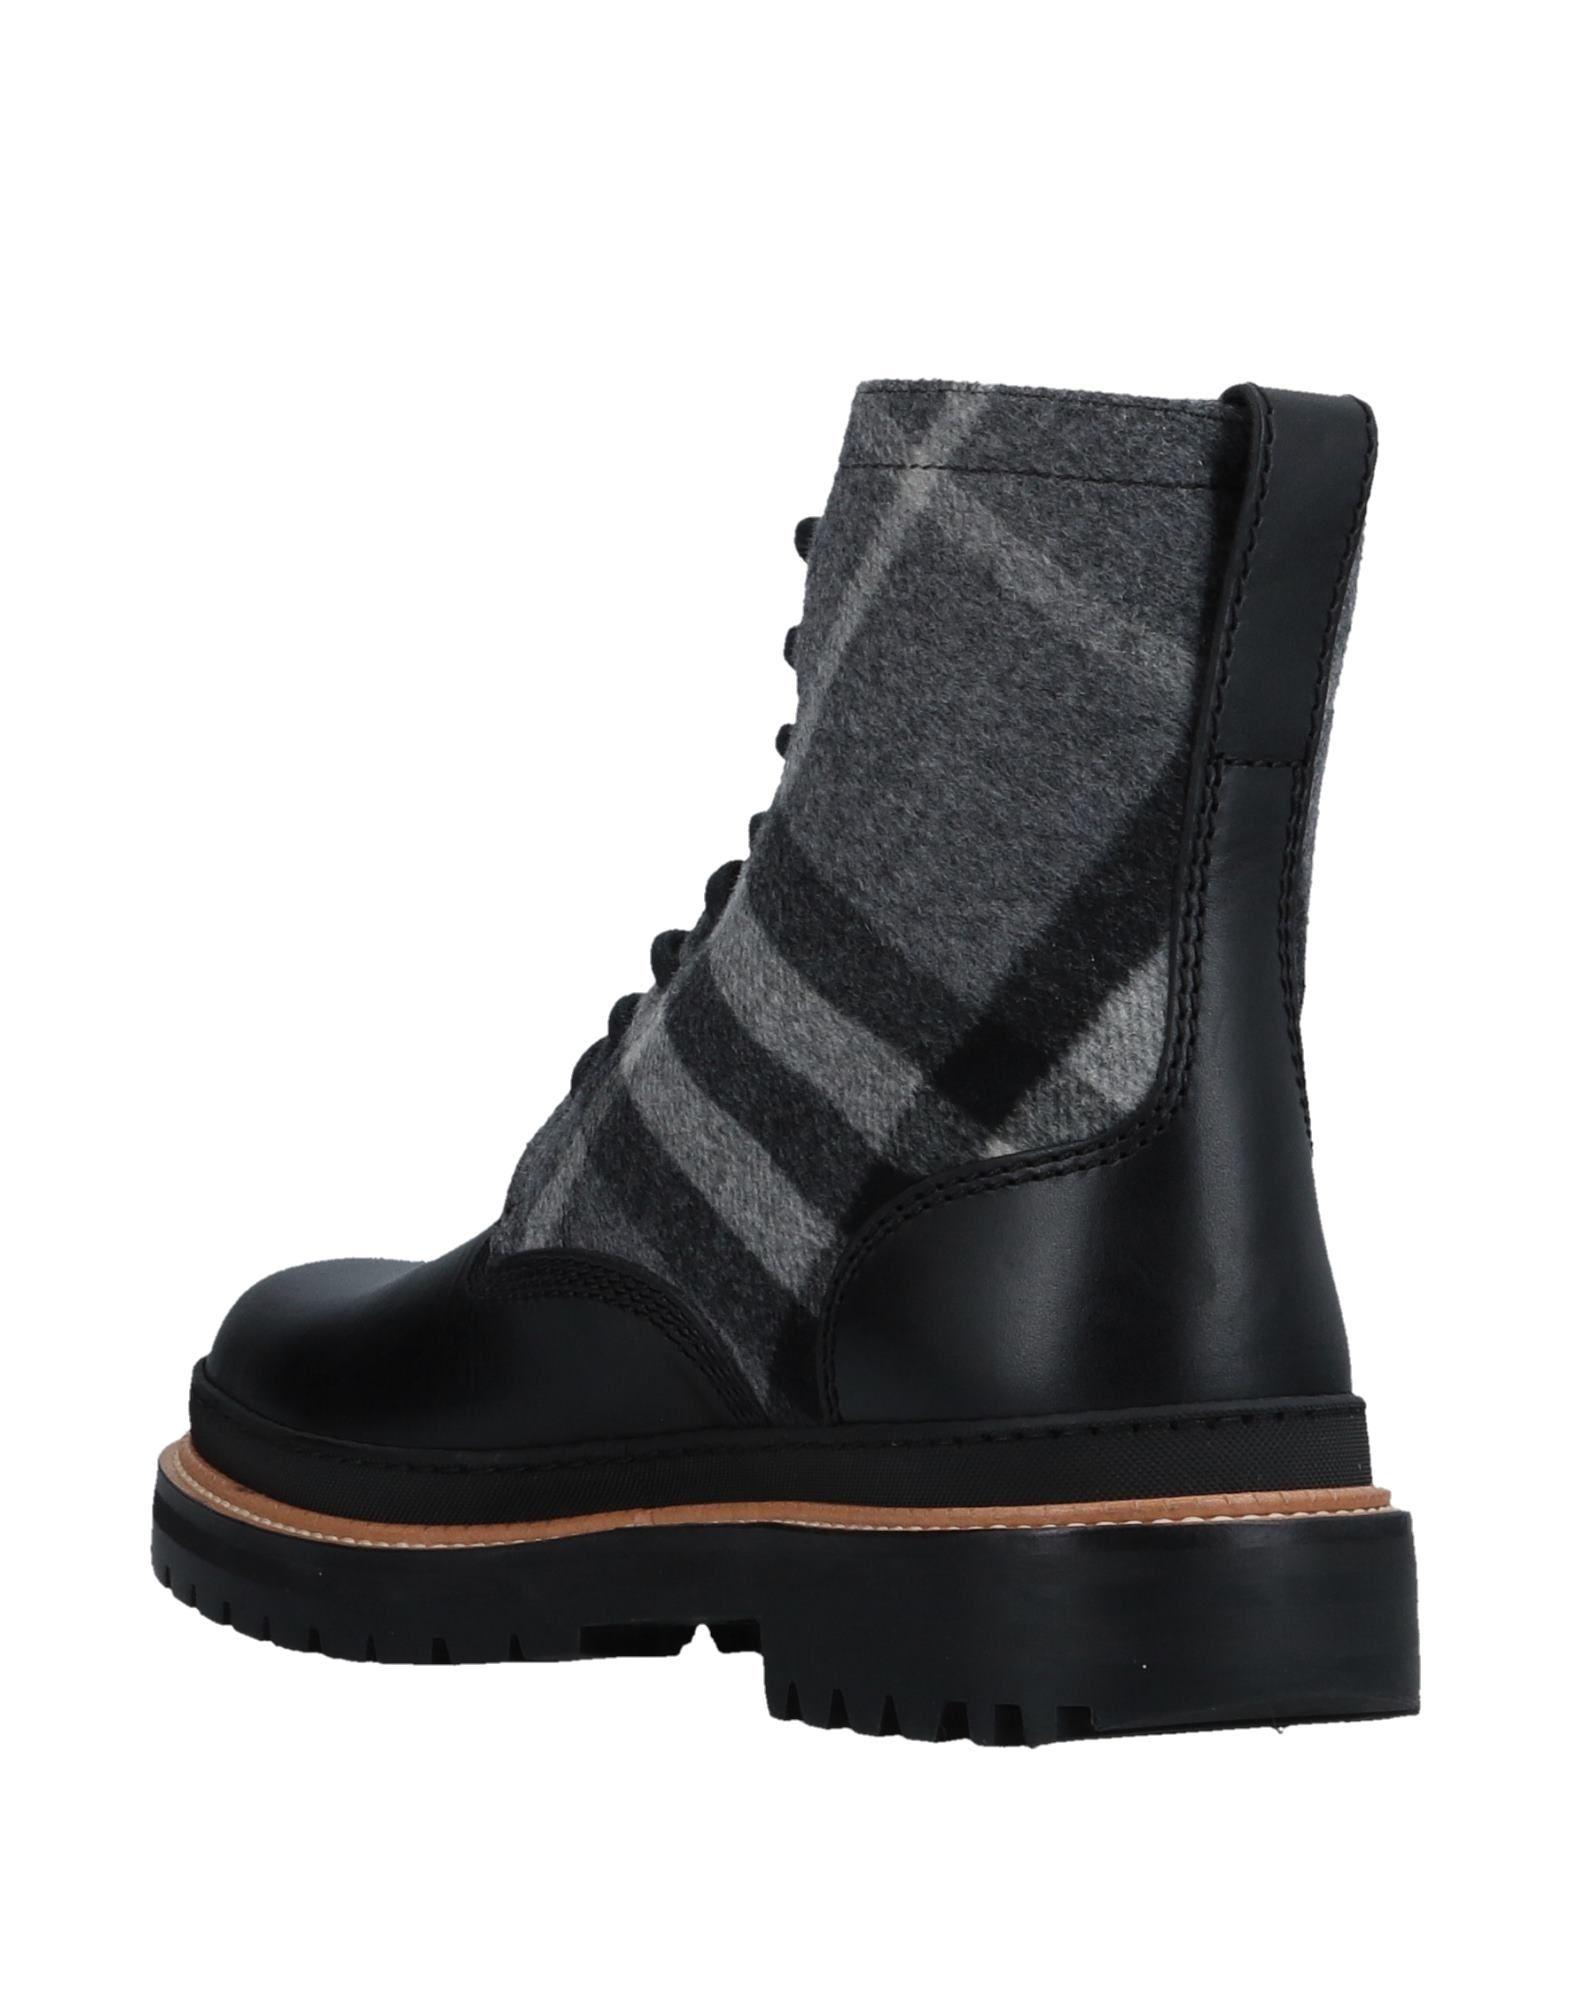 Burberry Stiefelette Gute Herren  11511193BT Gute Stiefelette Qualität beliebte Schuhe 545d61